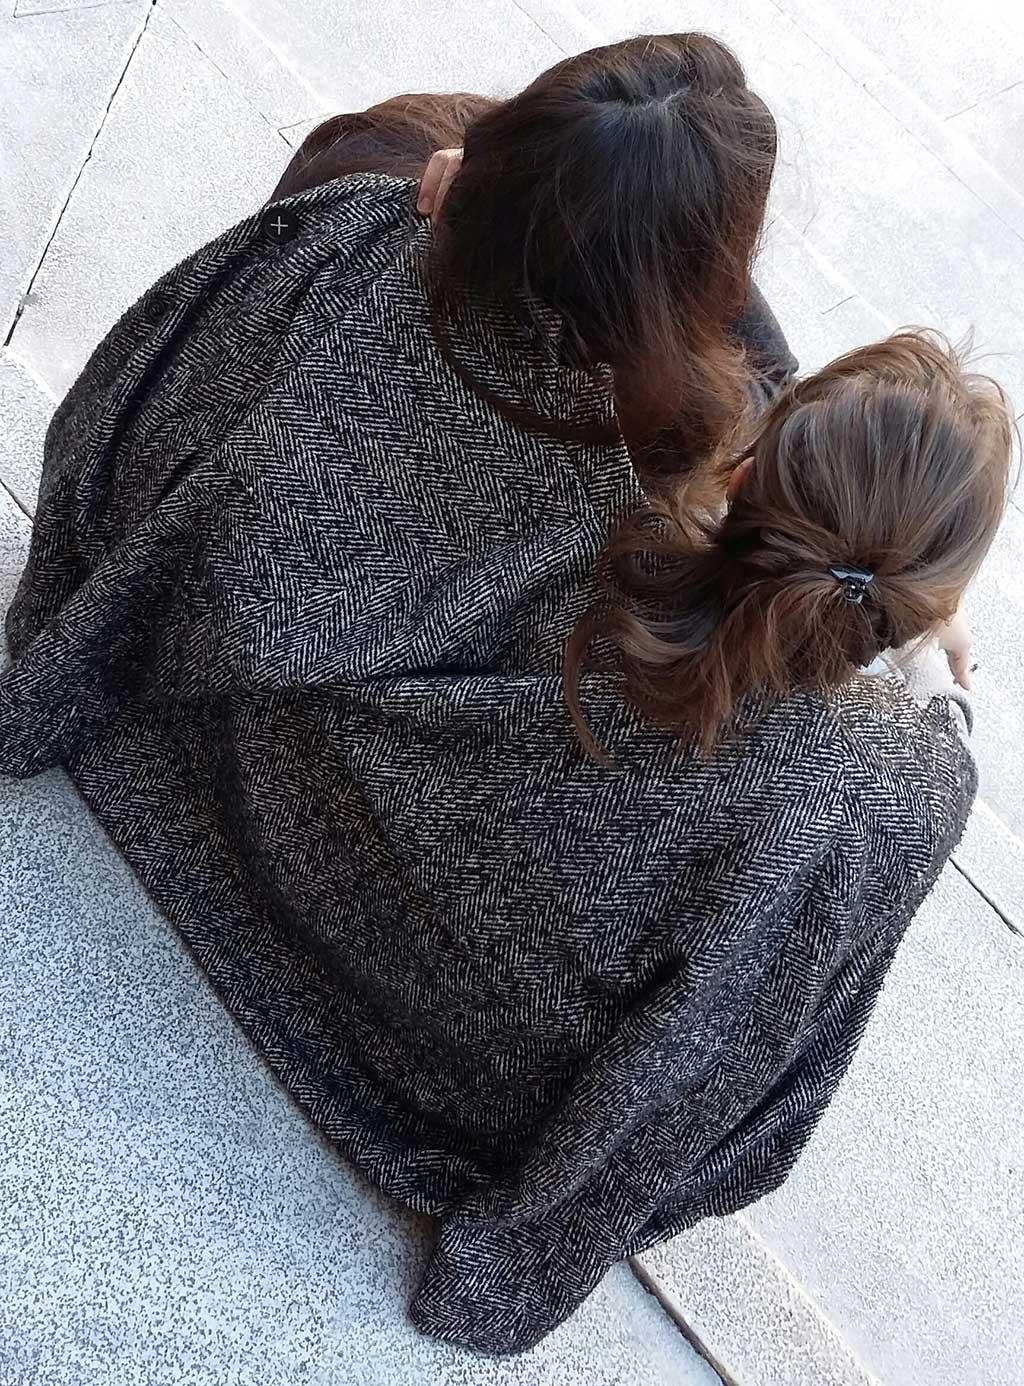 A Siamese Coat/Un cappotto siamese - Nik Boini